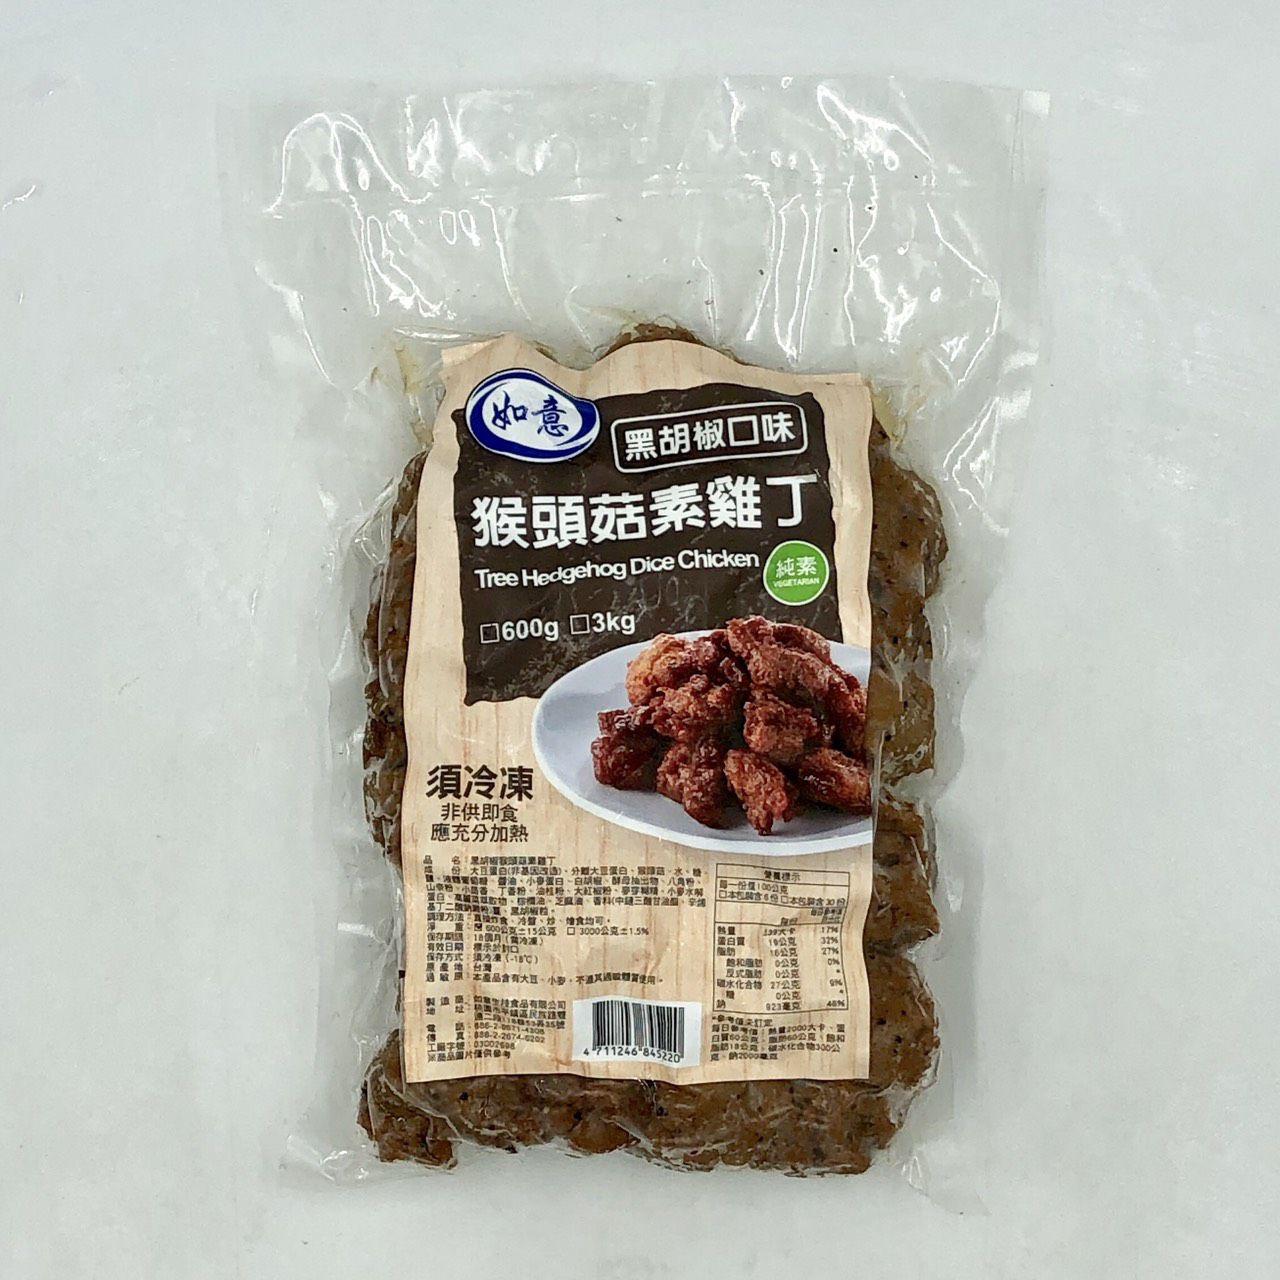 (如意)猴頭菇雞丁/黑胡椒600g(全素)